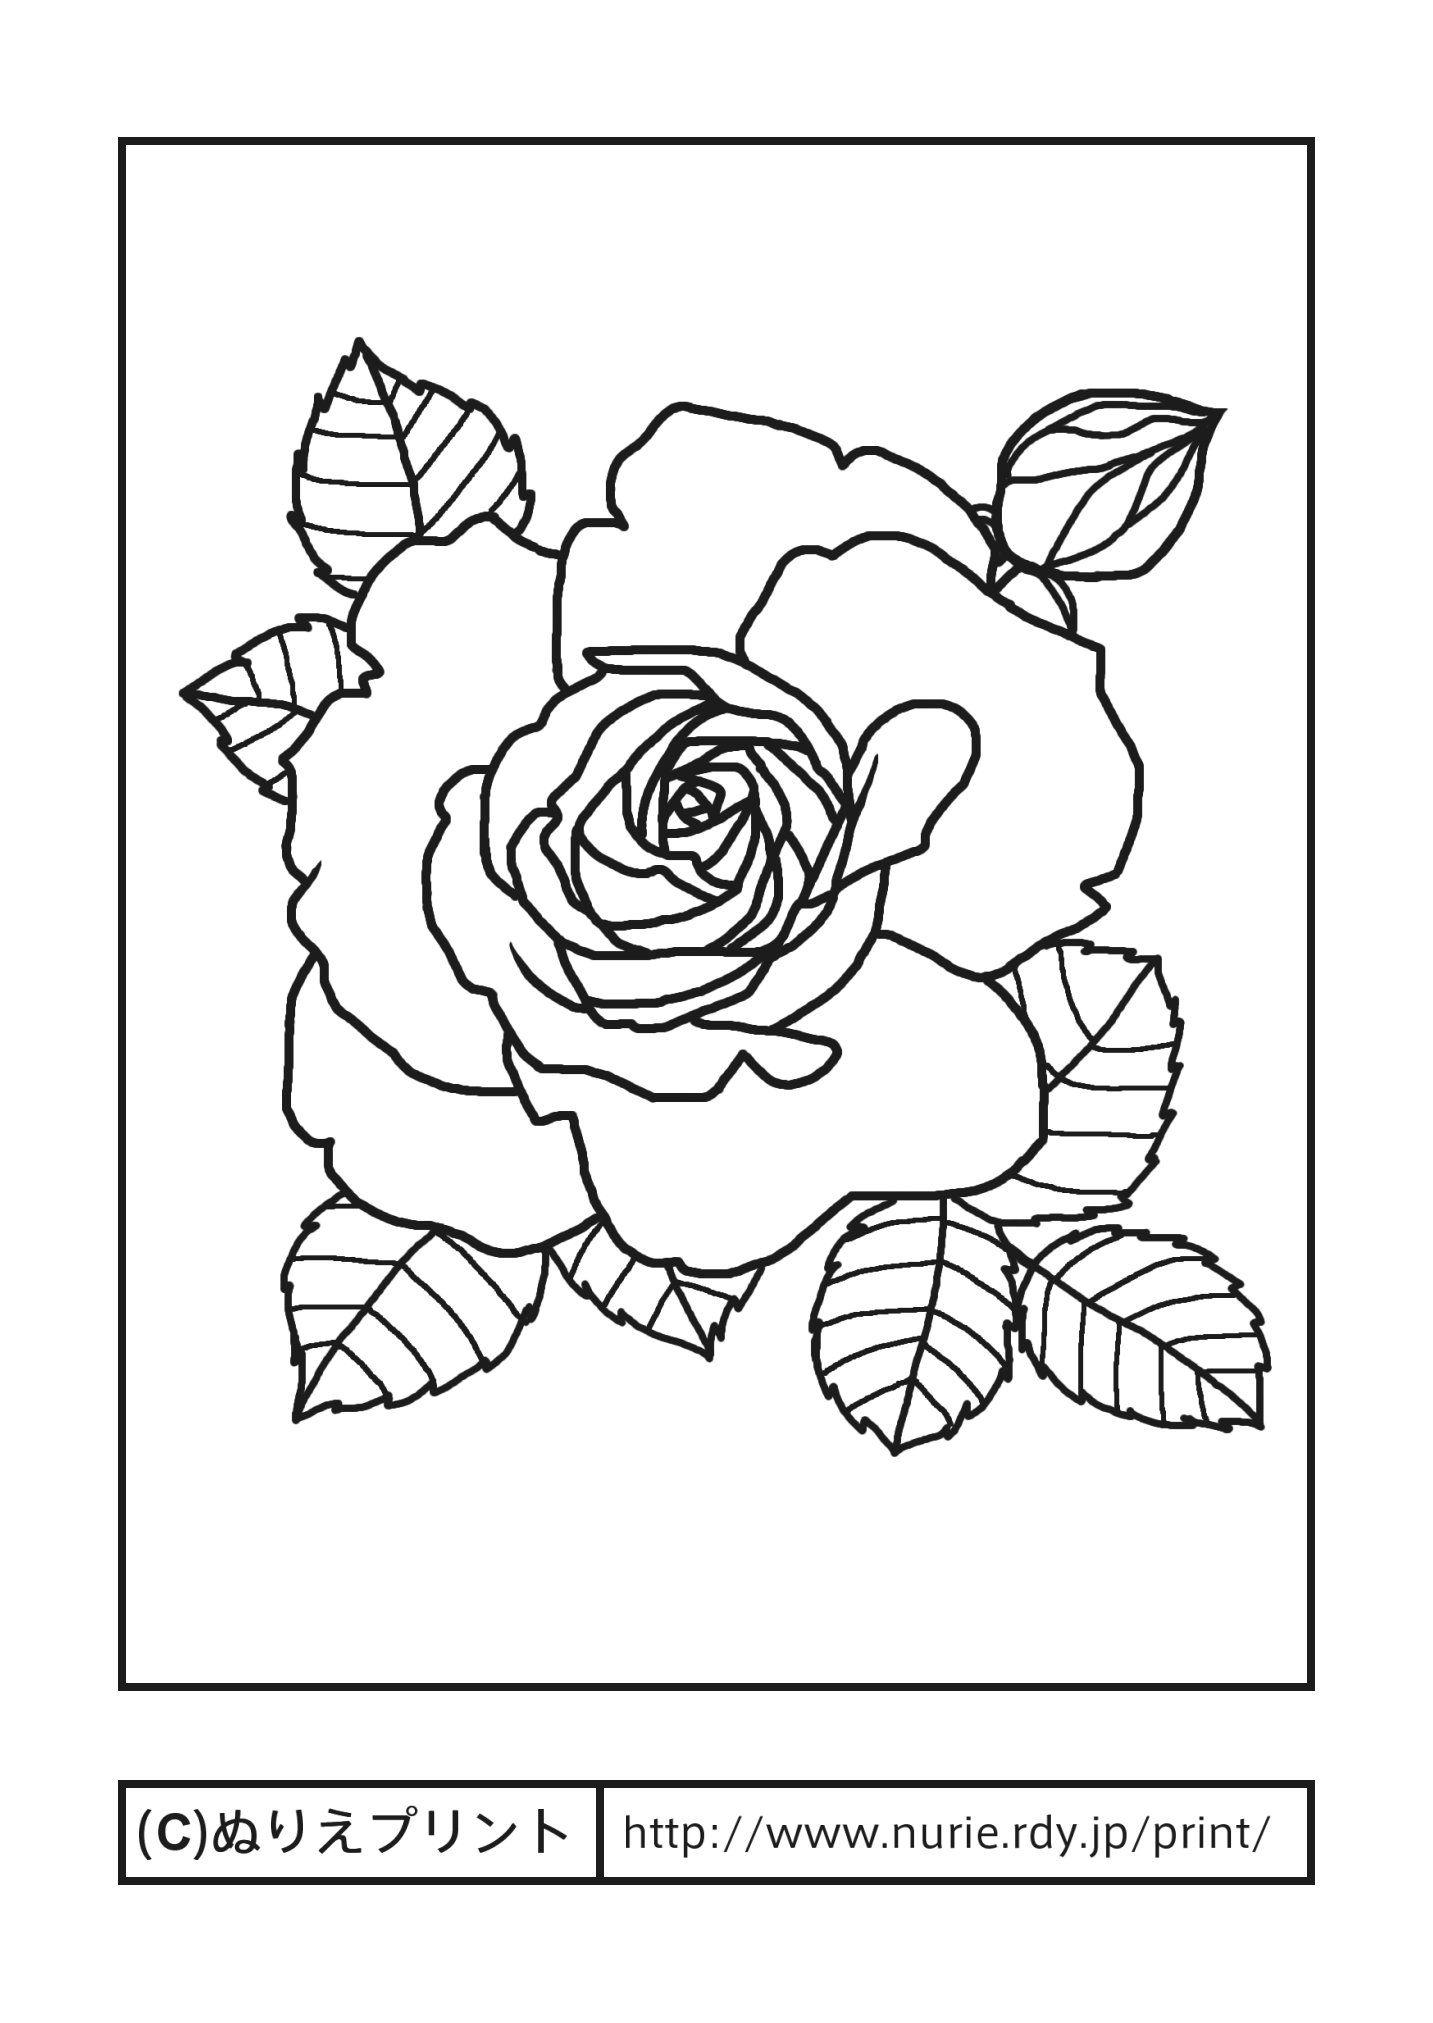 バラ5主線黒花の塗り絵無料イラストぬりえプリント 造花